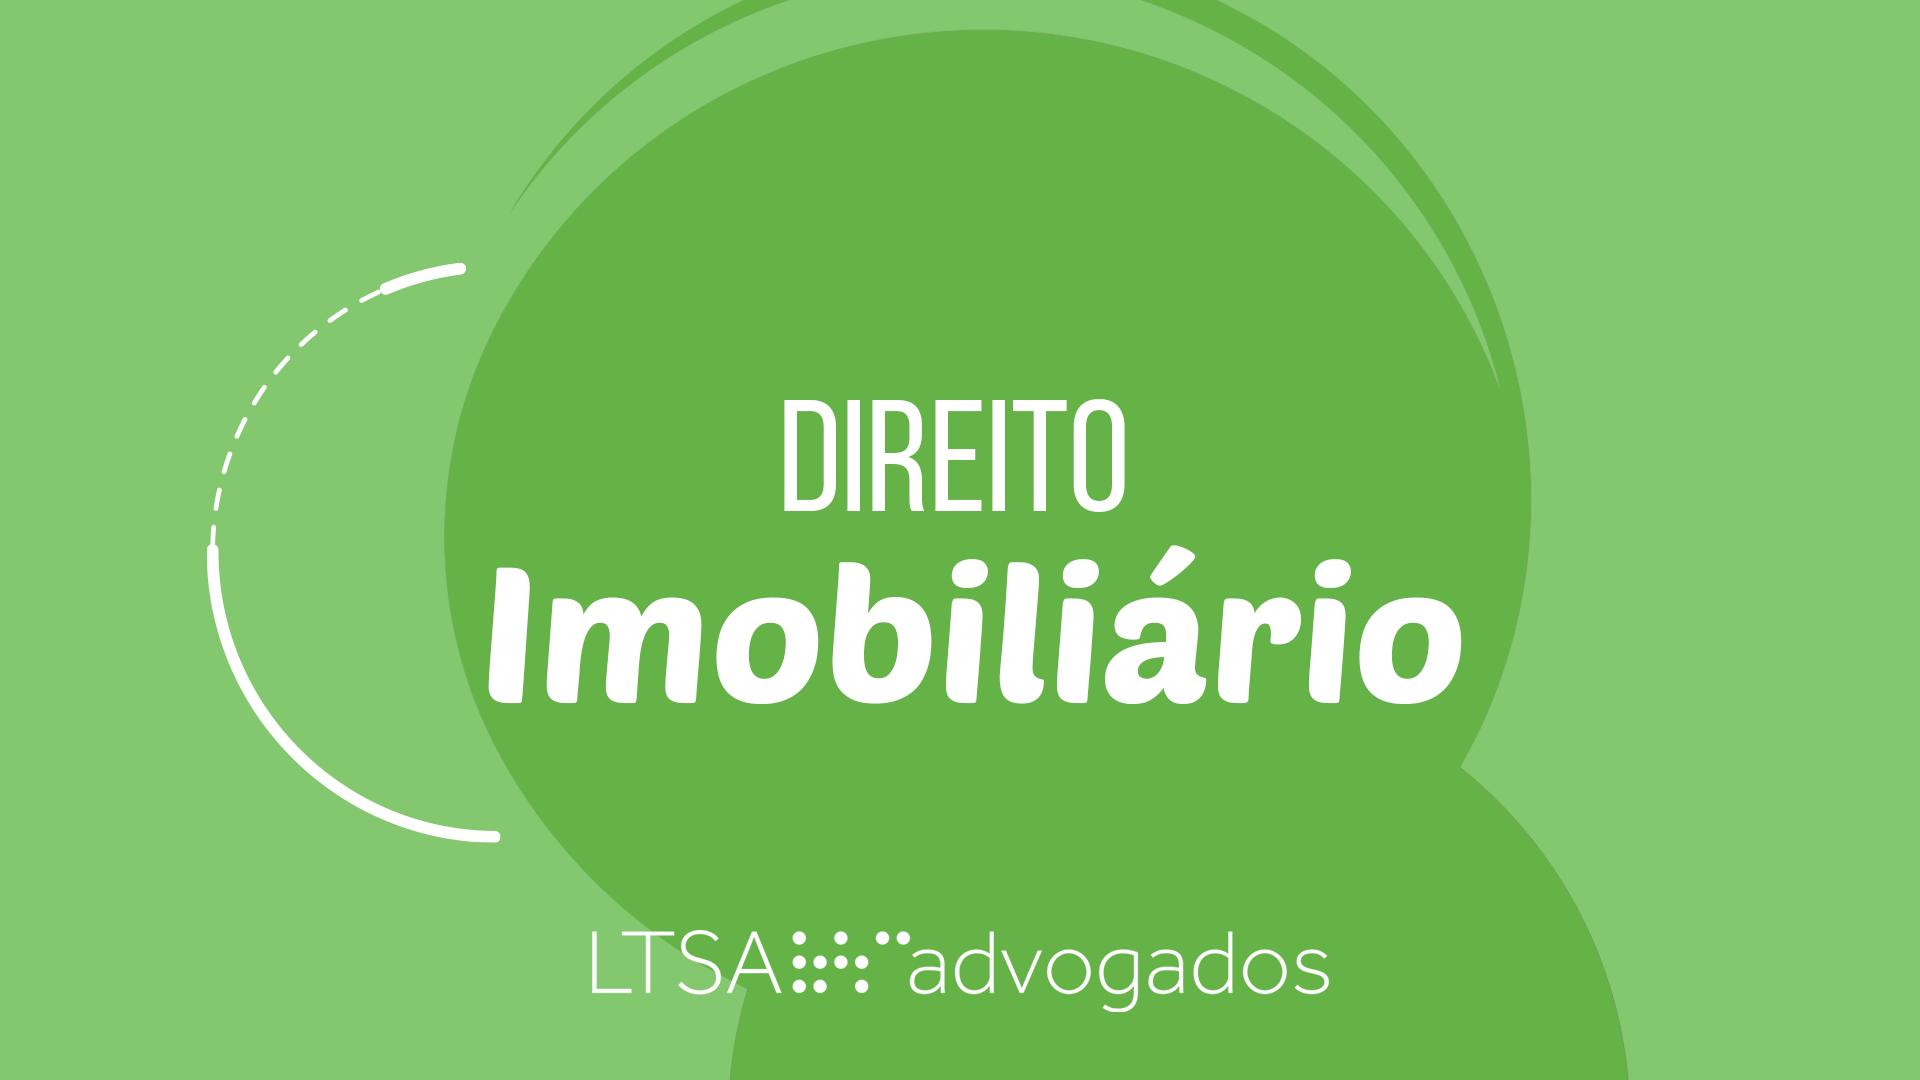 LTSA Advogados Mogi das Cruzes Direito Imobiliário